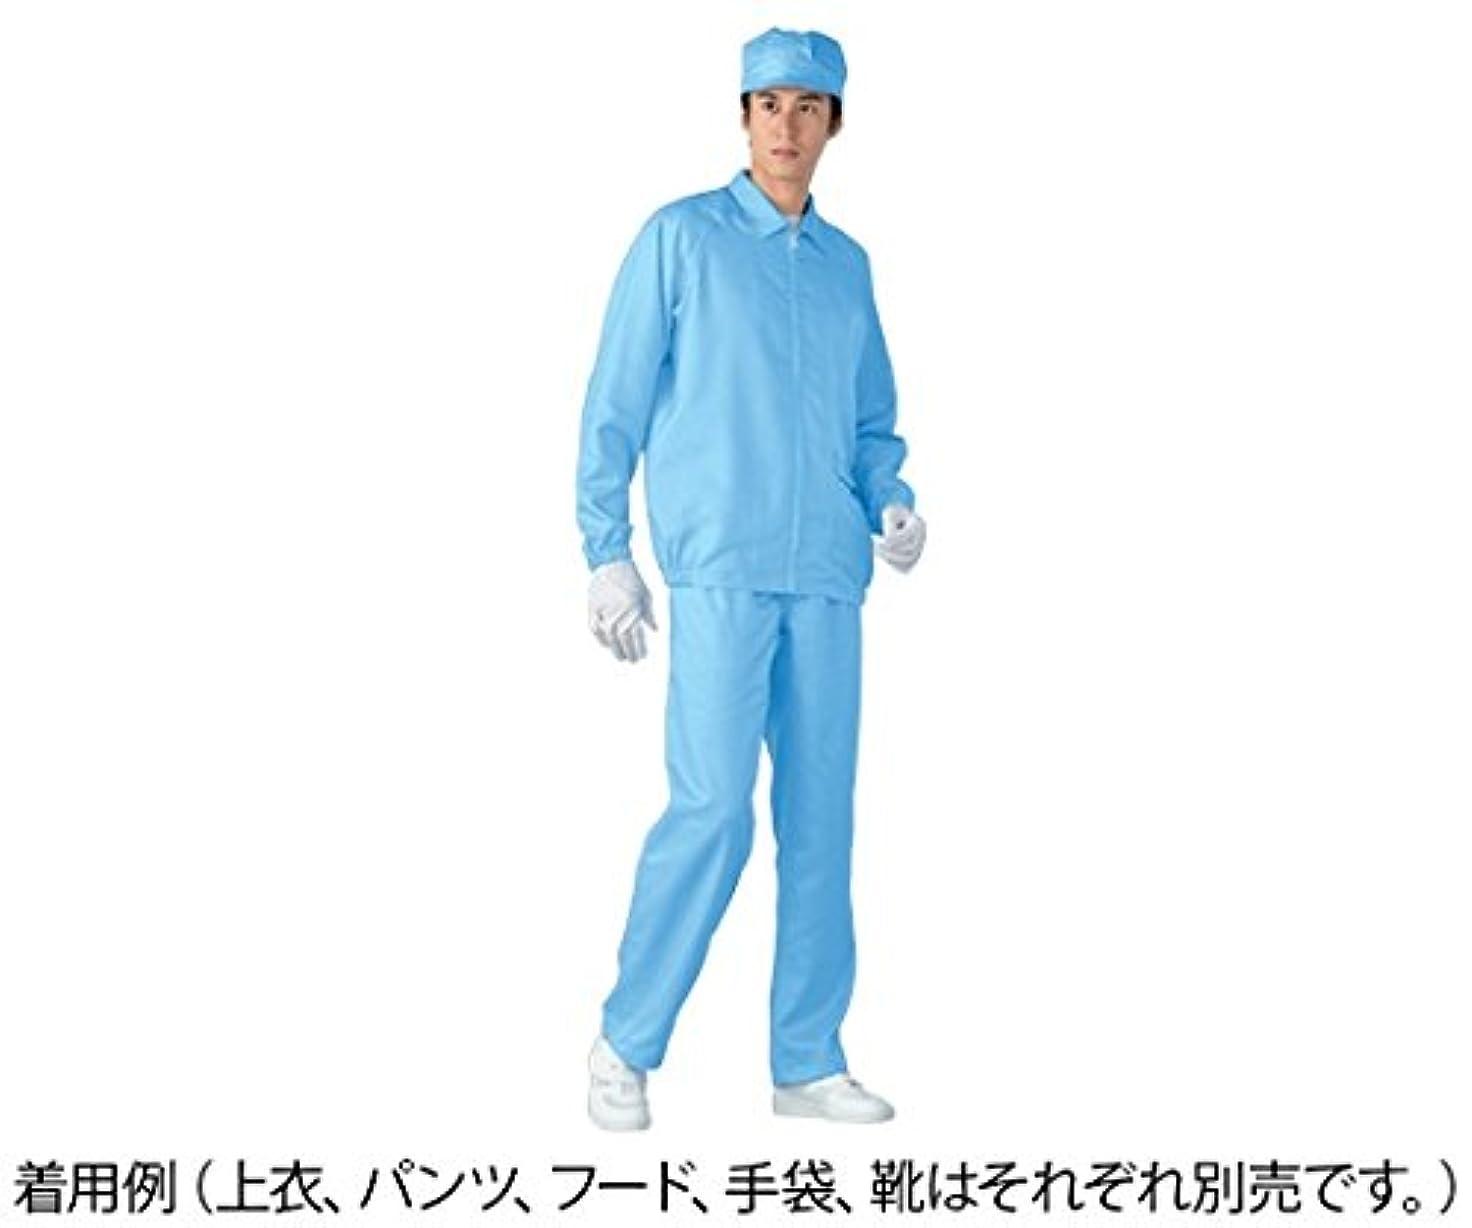 感じ非難本質的ではない無塵衣AS203C 上衣 ホワイト LL